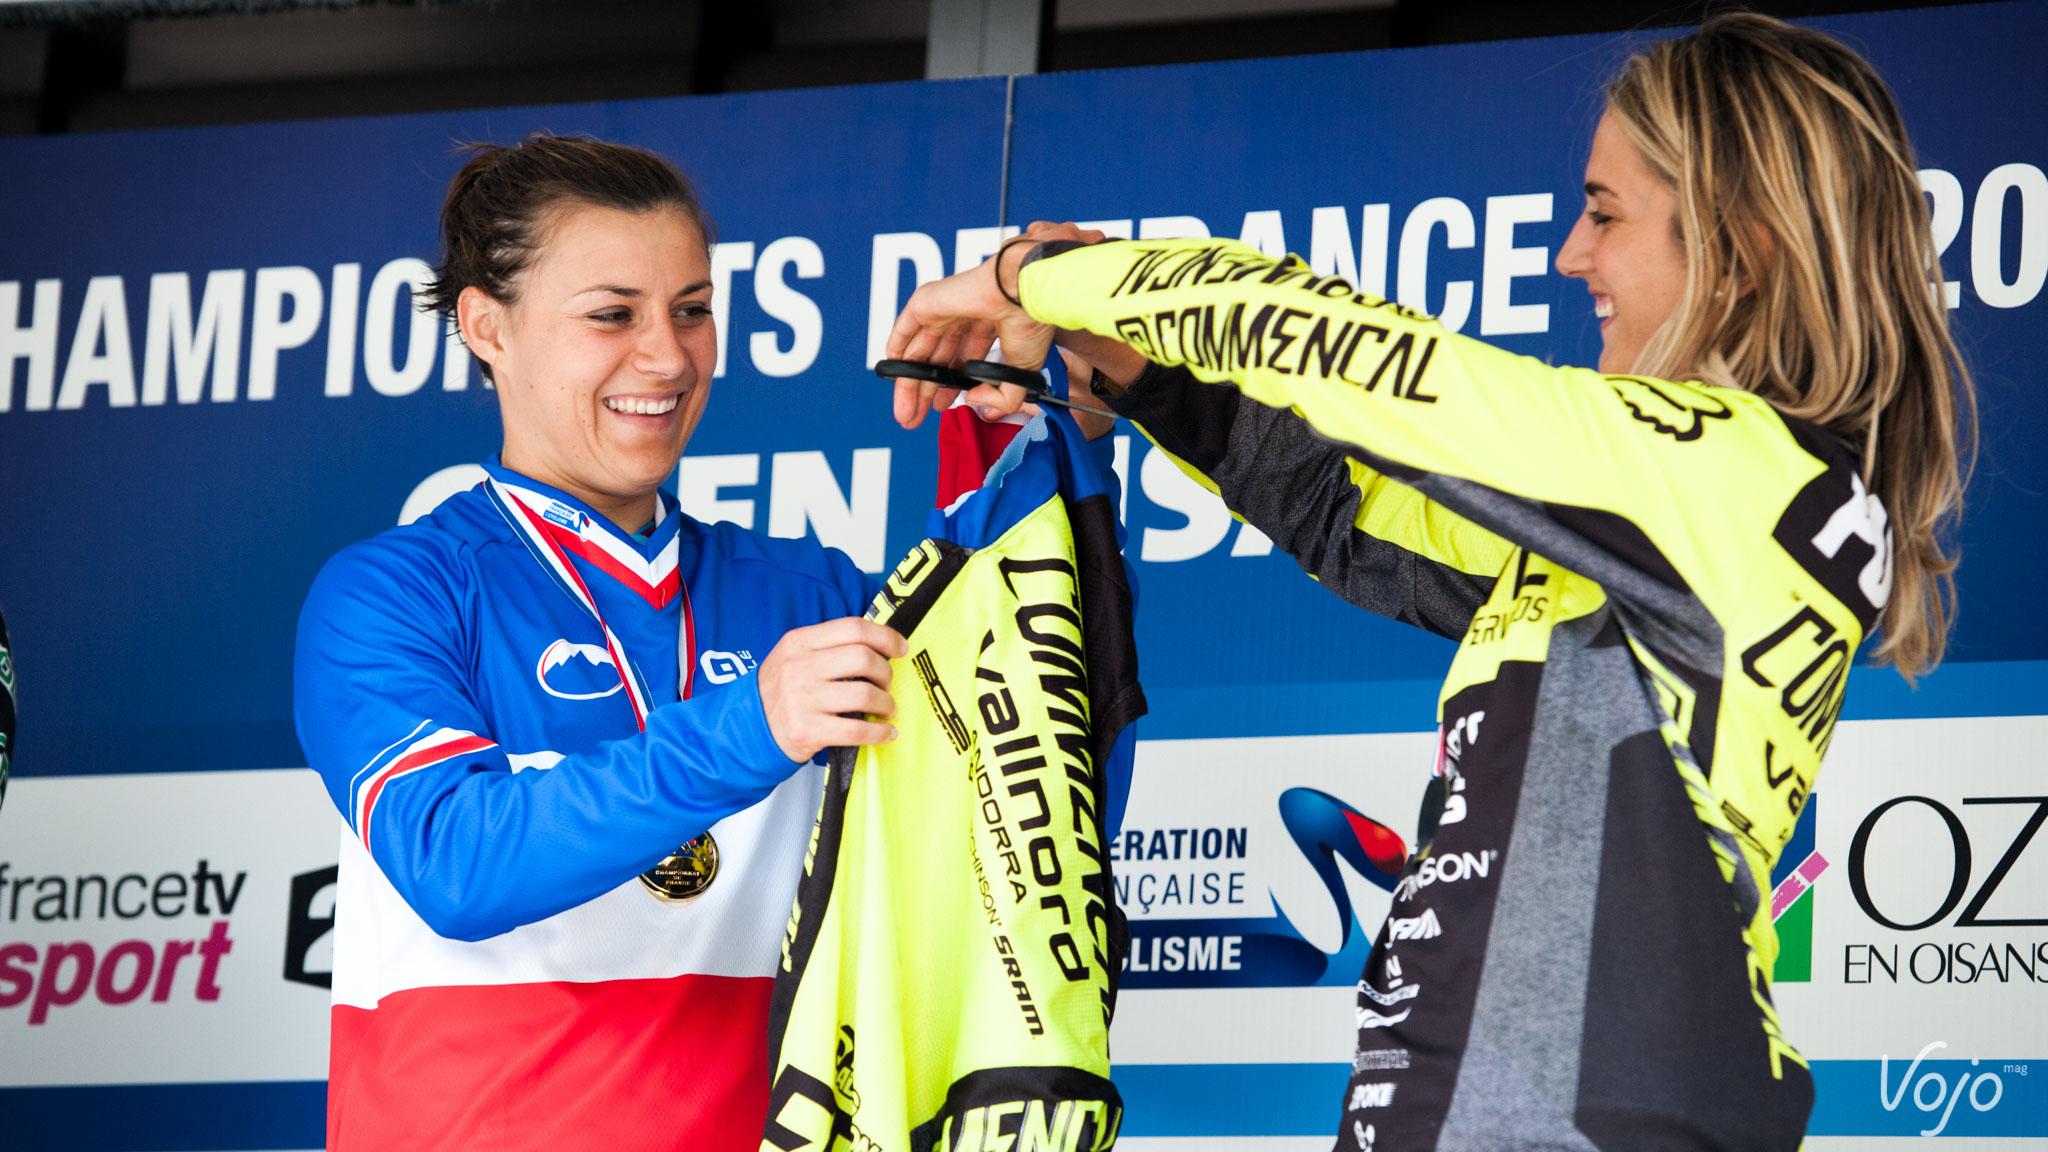 Championnats-de-france-2015-Oz-DH-finale-95